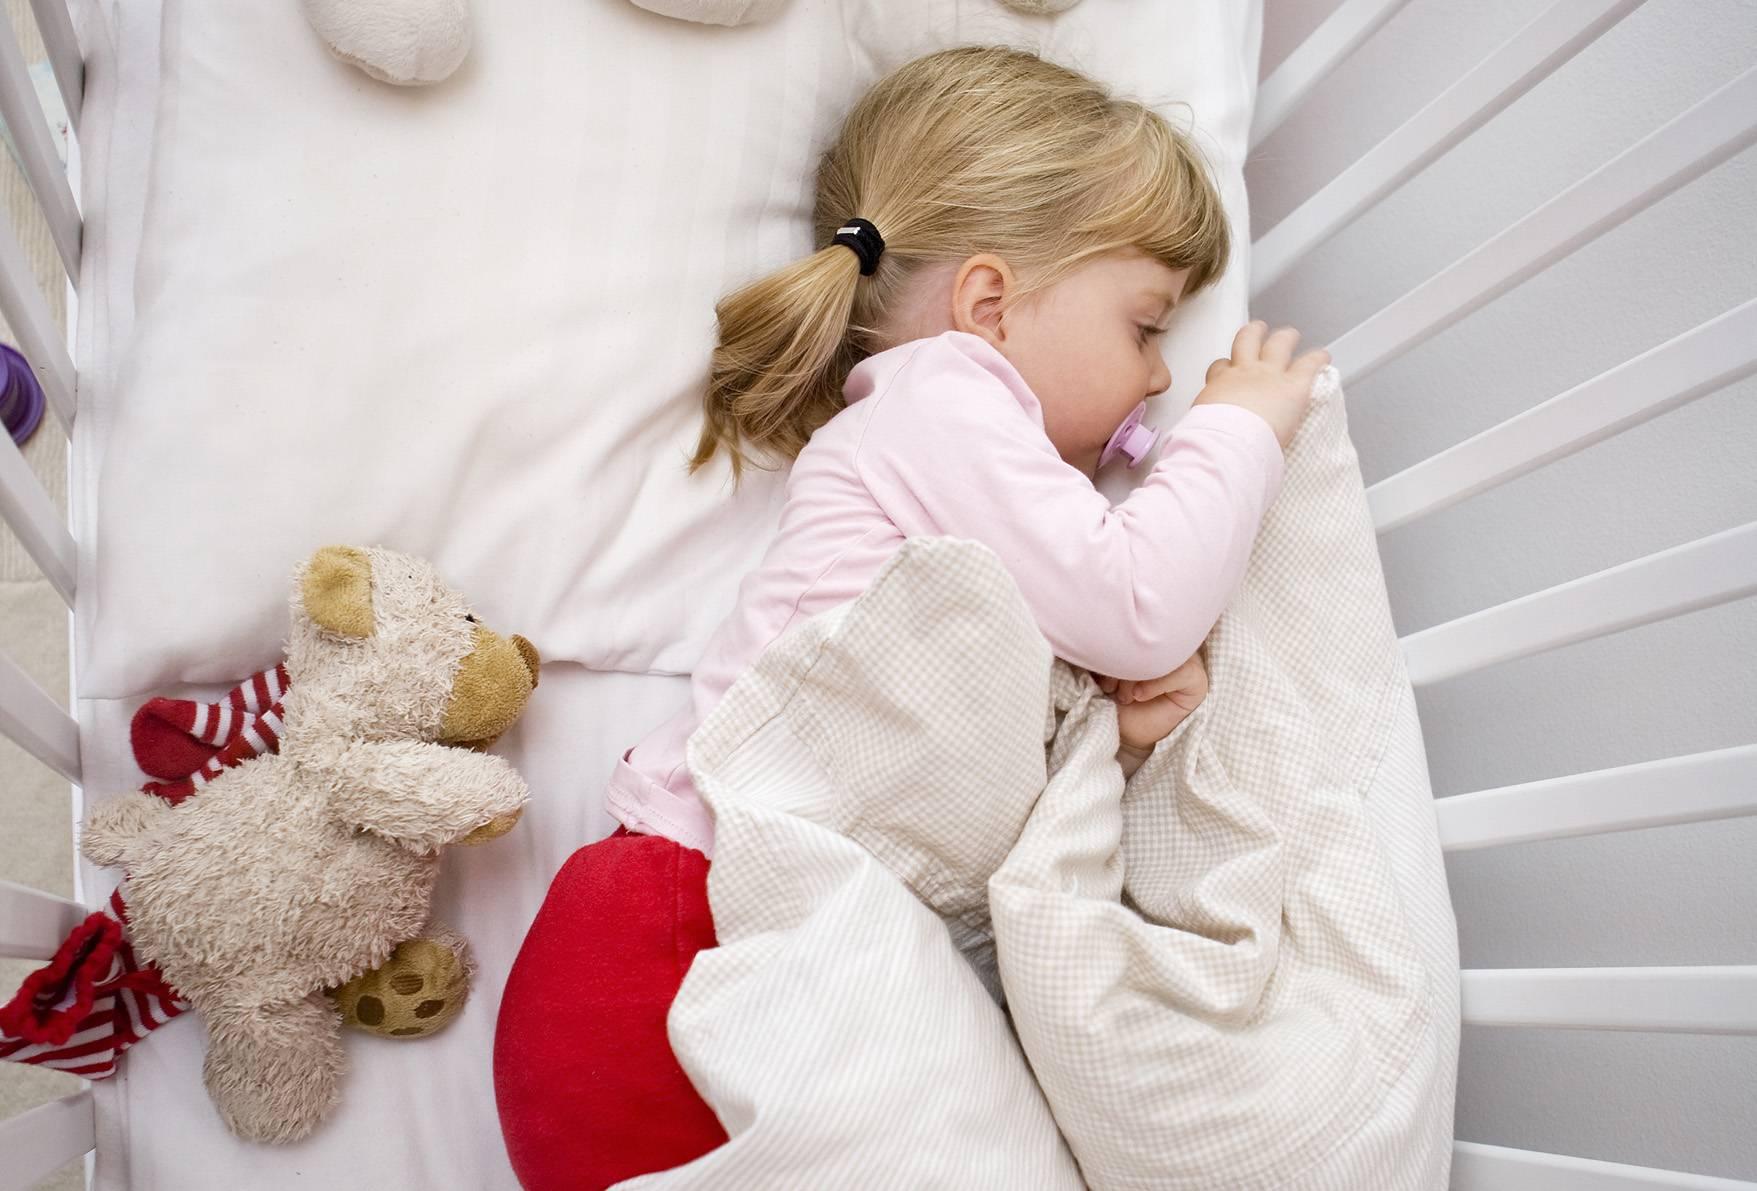 Почему ребенок сильно плачет перед сном? почему грудничок сильно плачет перед сном: причины и способы наладить ночное укладывание ребенка грудничок перед тем как заснуть сильно плачет.